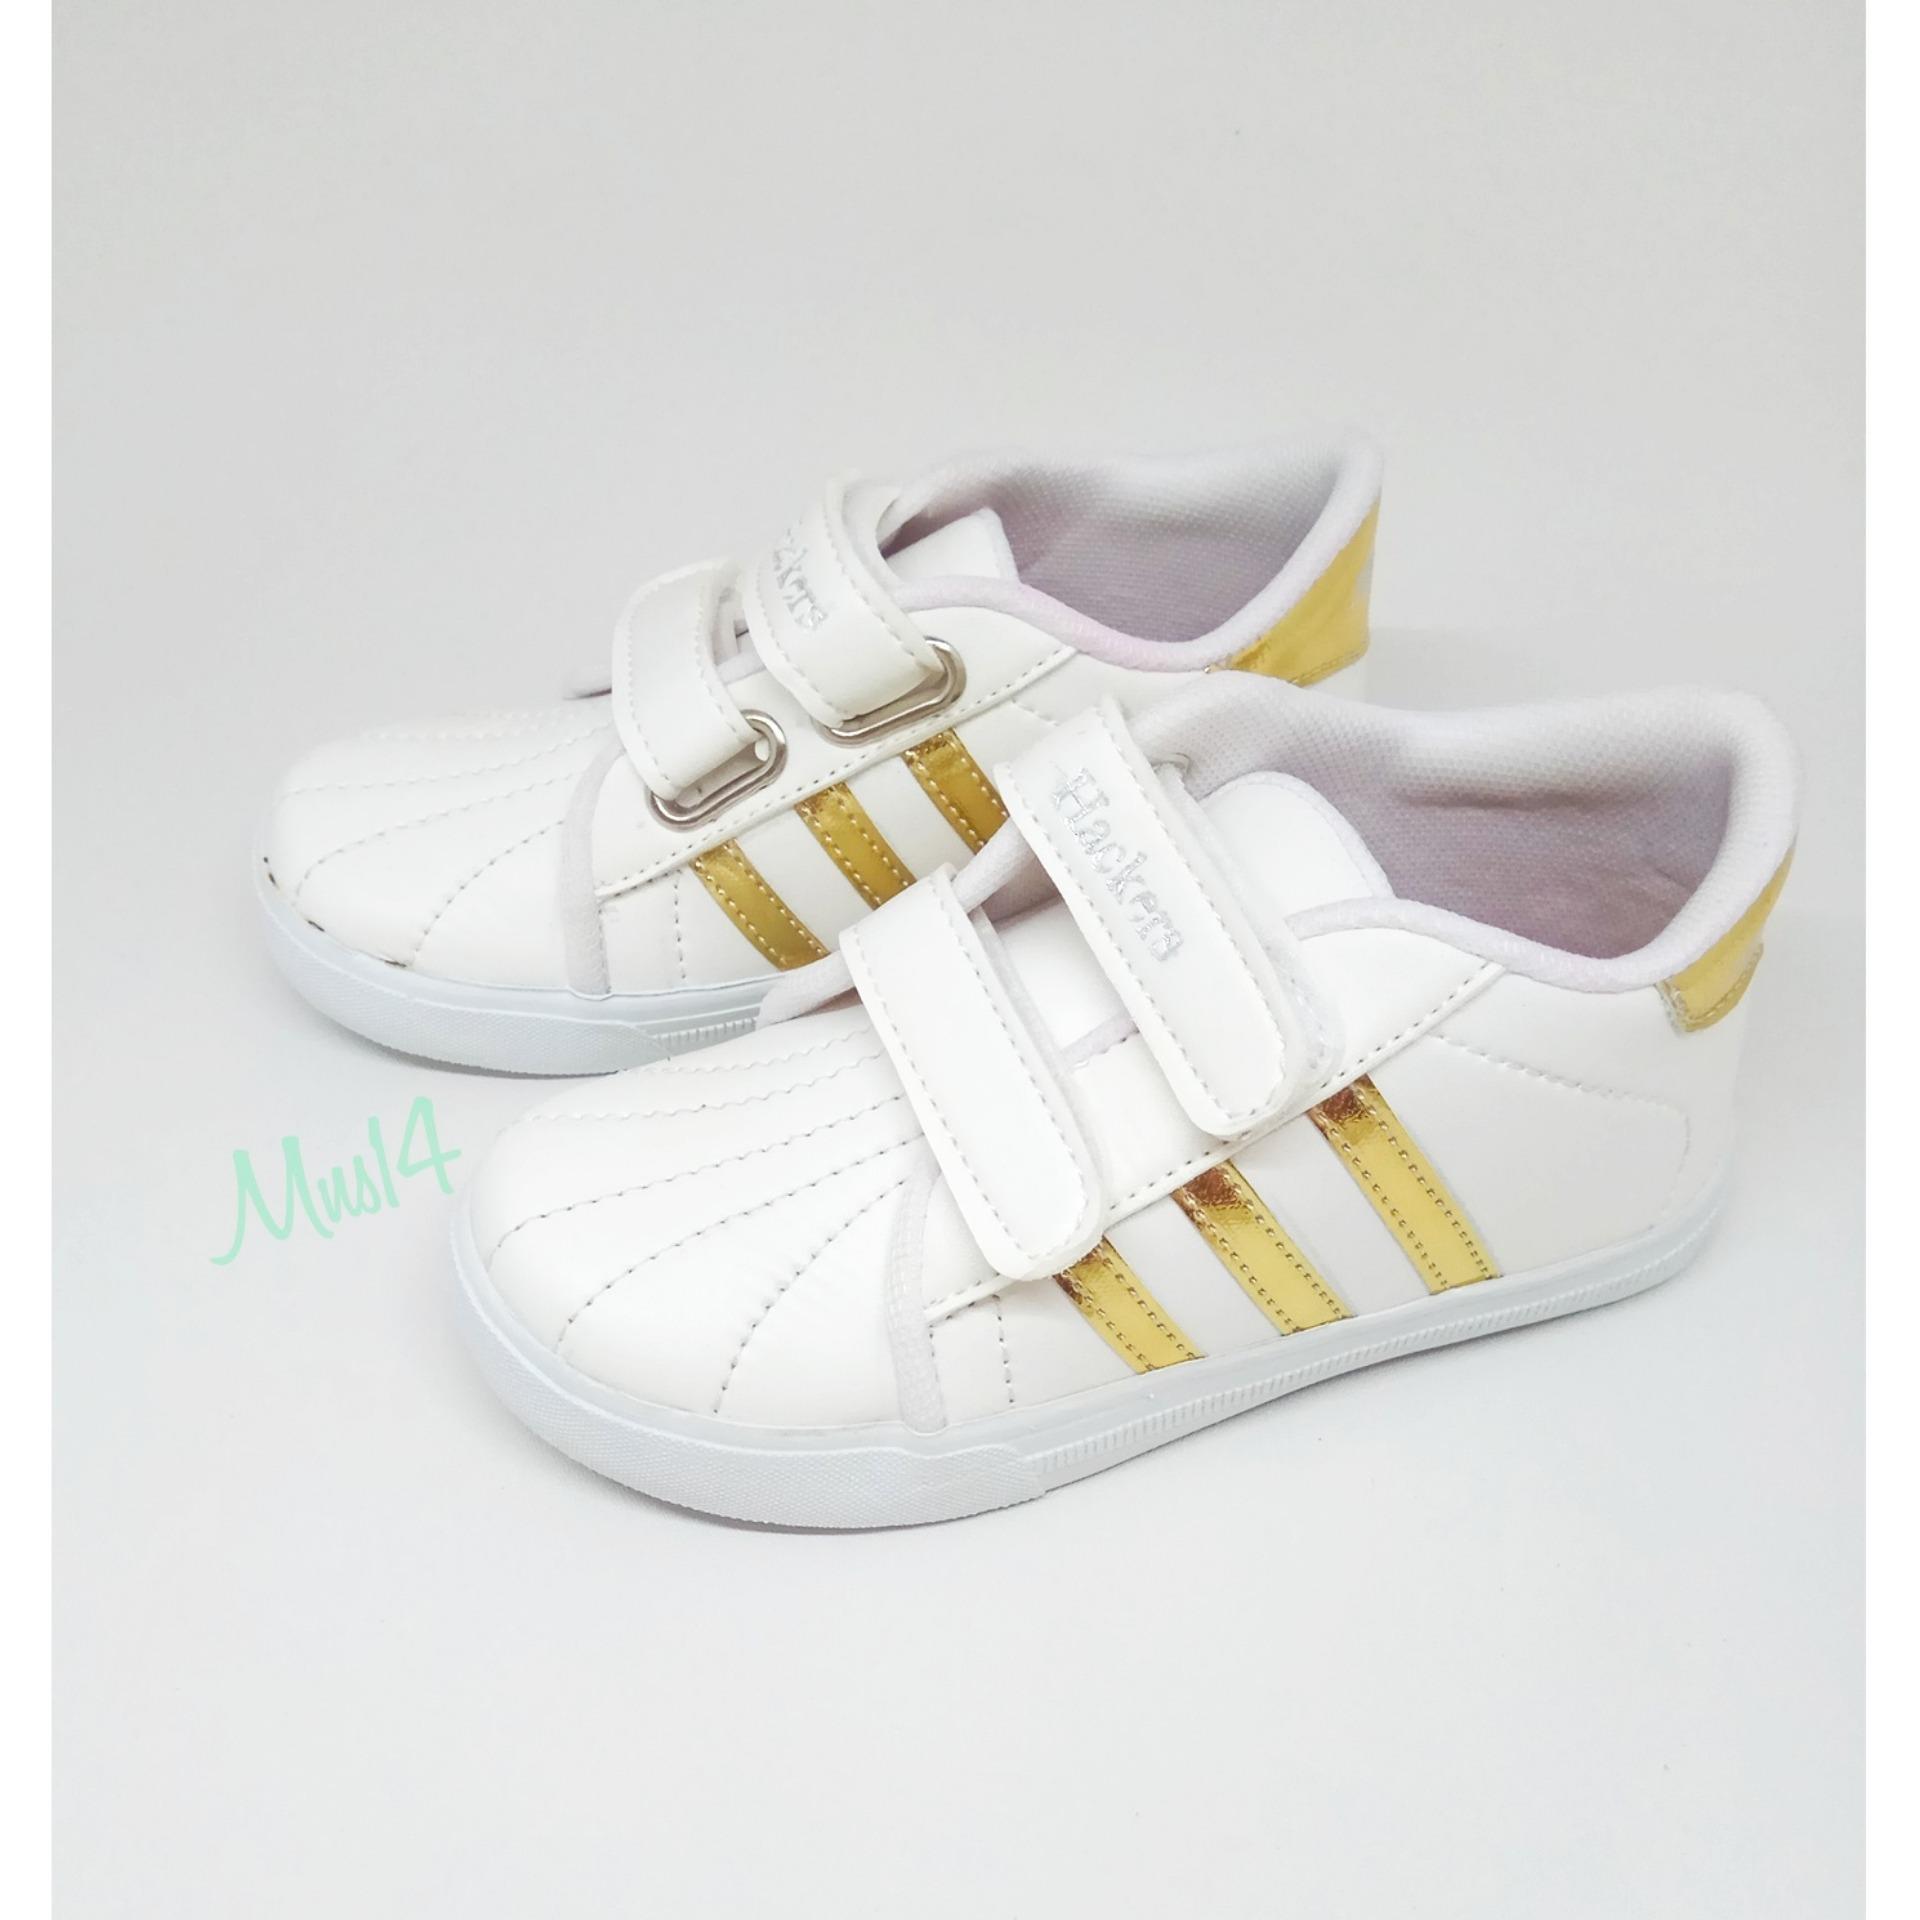 Sepatu Sneaker Anak balita 2 3 4 5 6 tahun / Sneaker Shoes